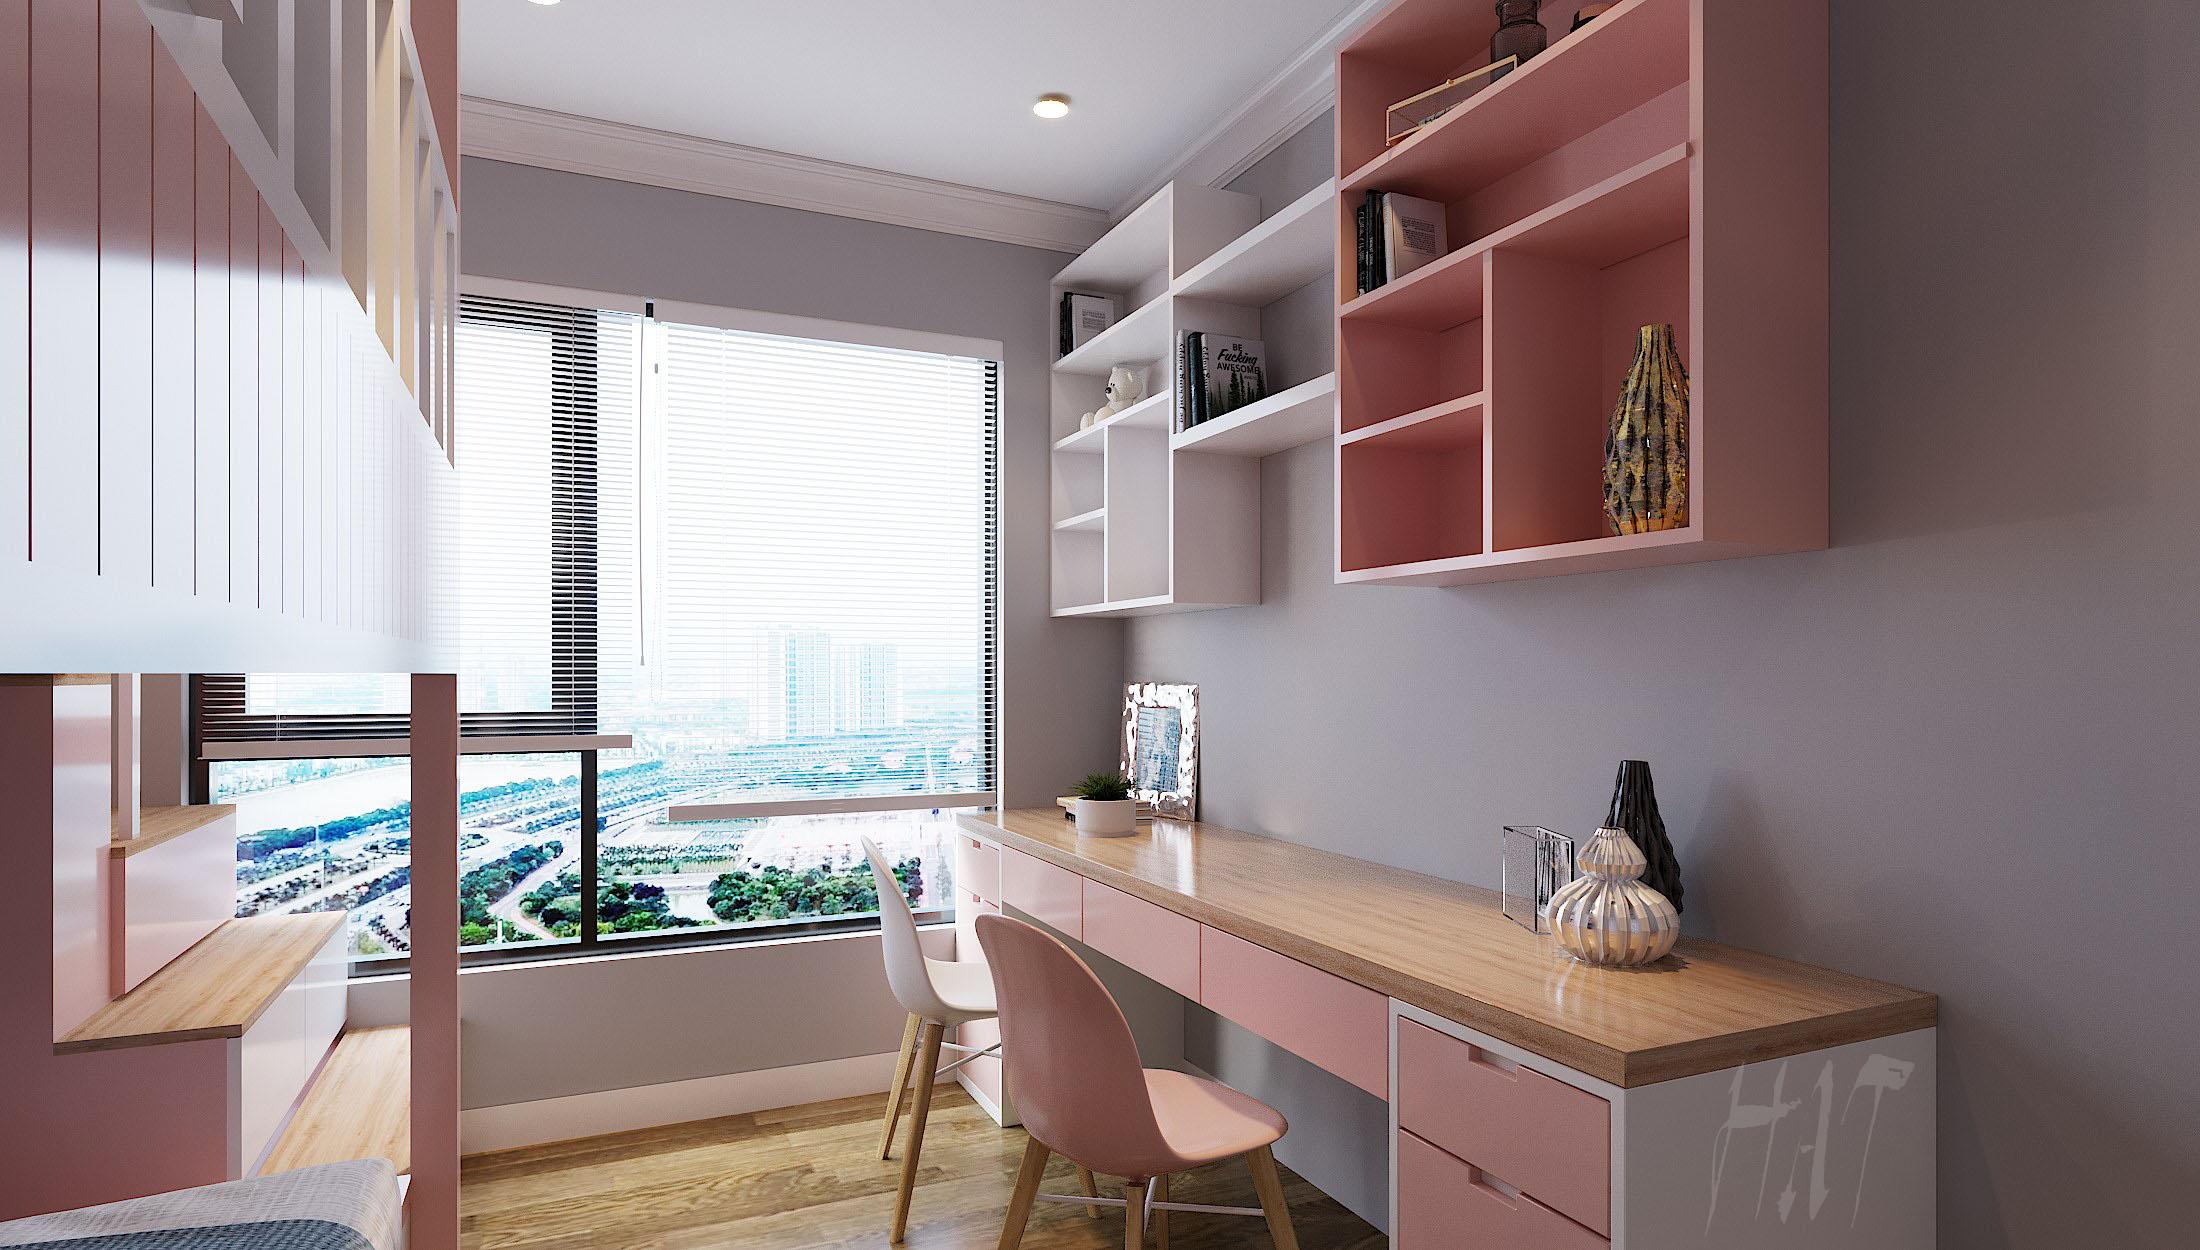 thiết kế Nội thất Chung Cư Căn hộ Chung cư nhà ở01